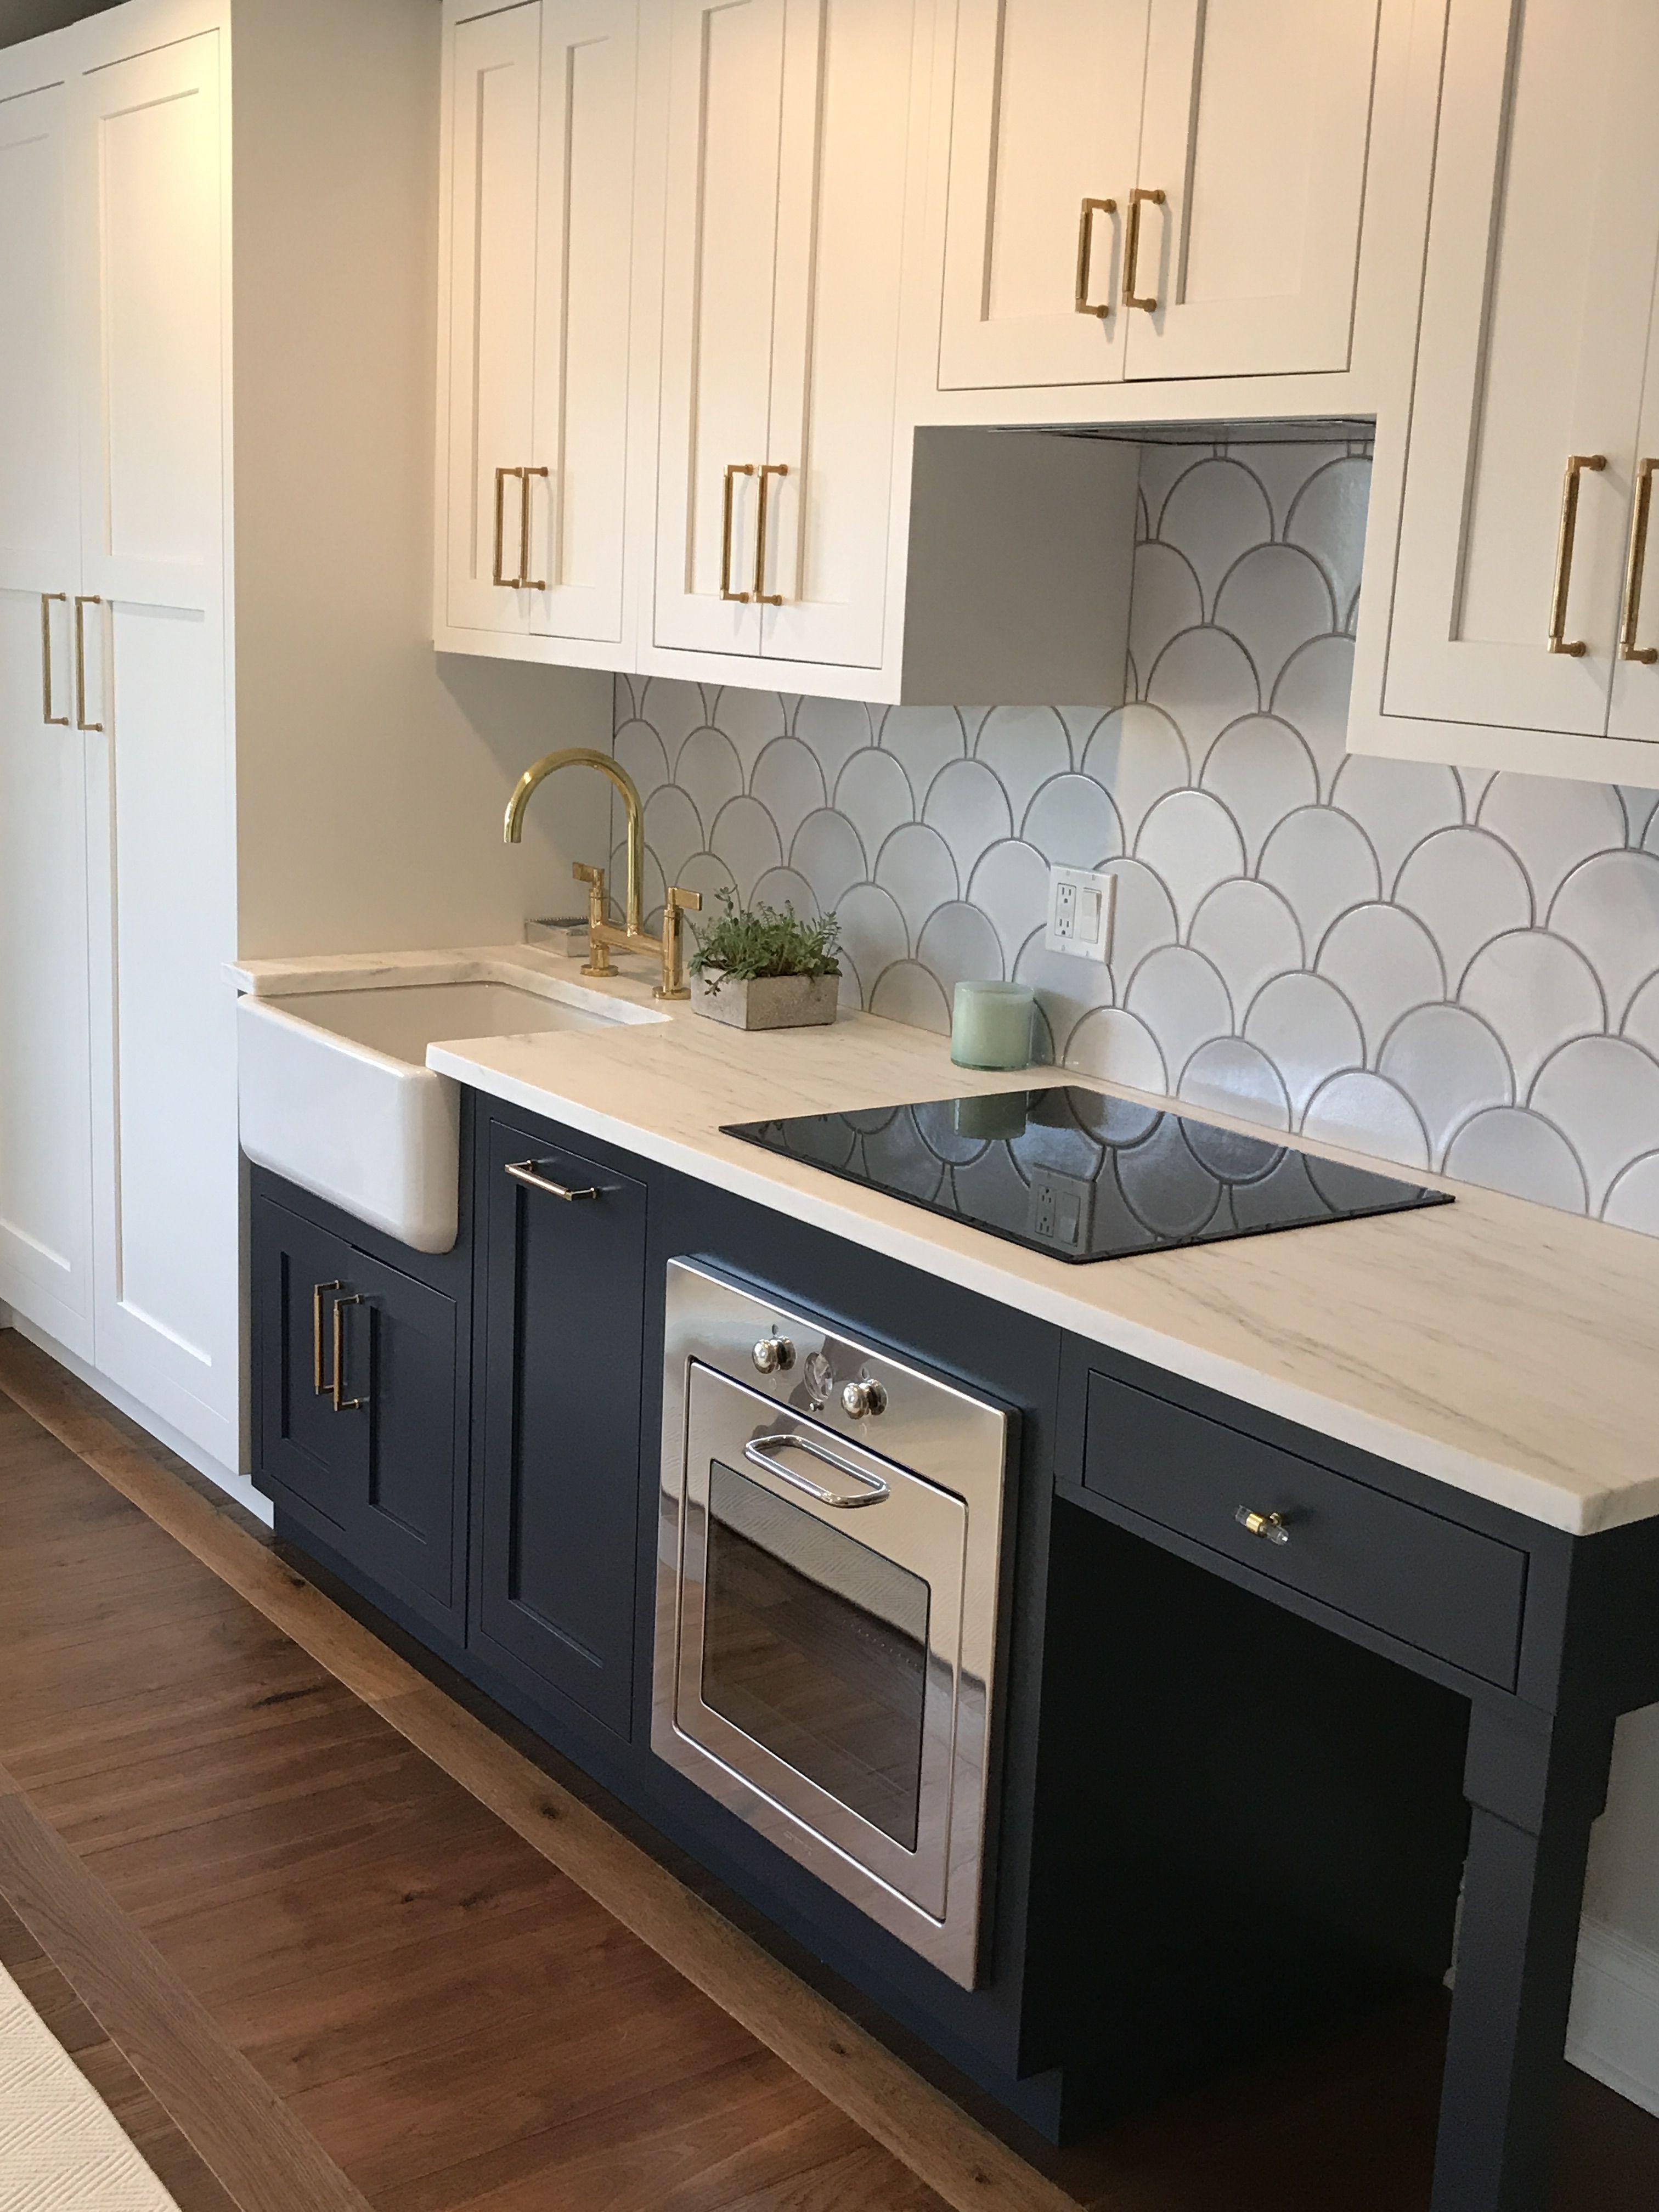 Kitchen Backsplash Tile And Navy Cabinets Kitchen Tiles Backsplash Kitchen Home